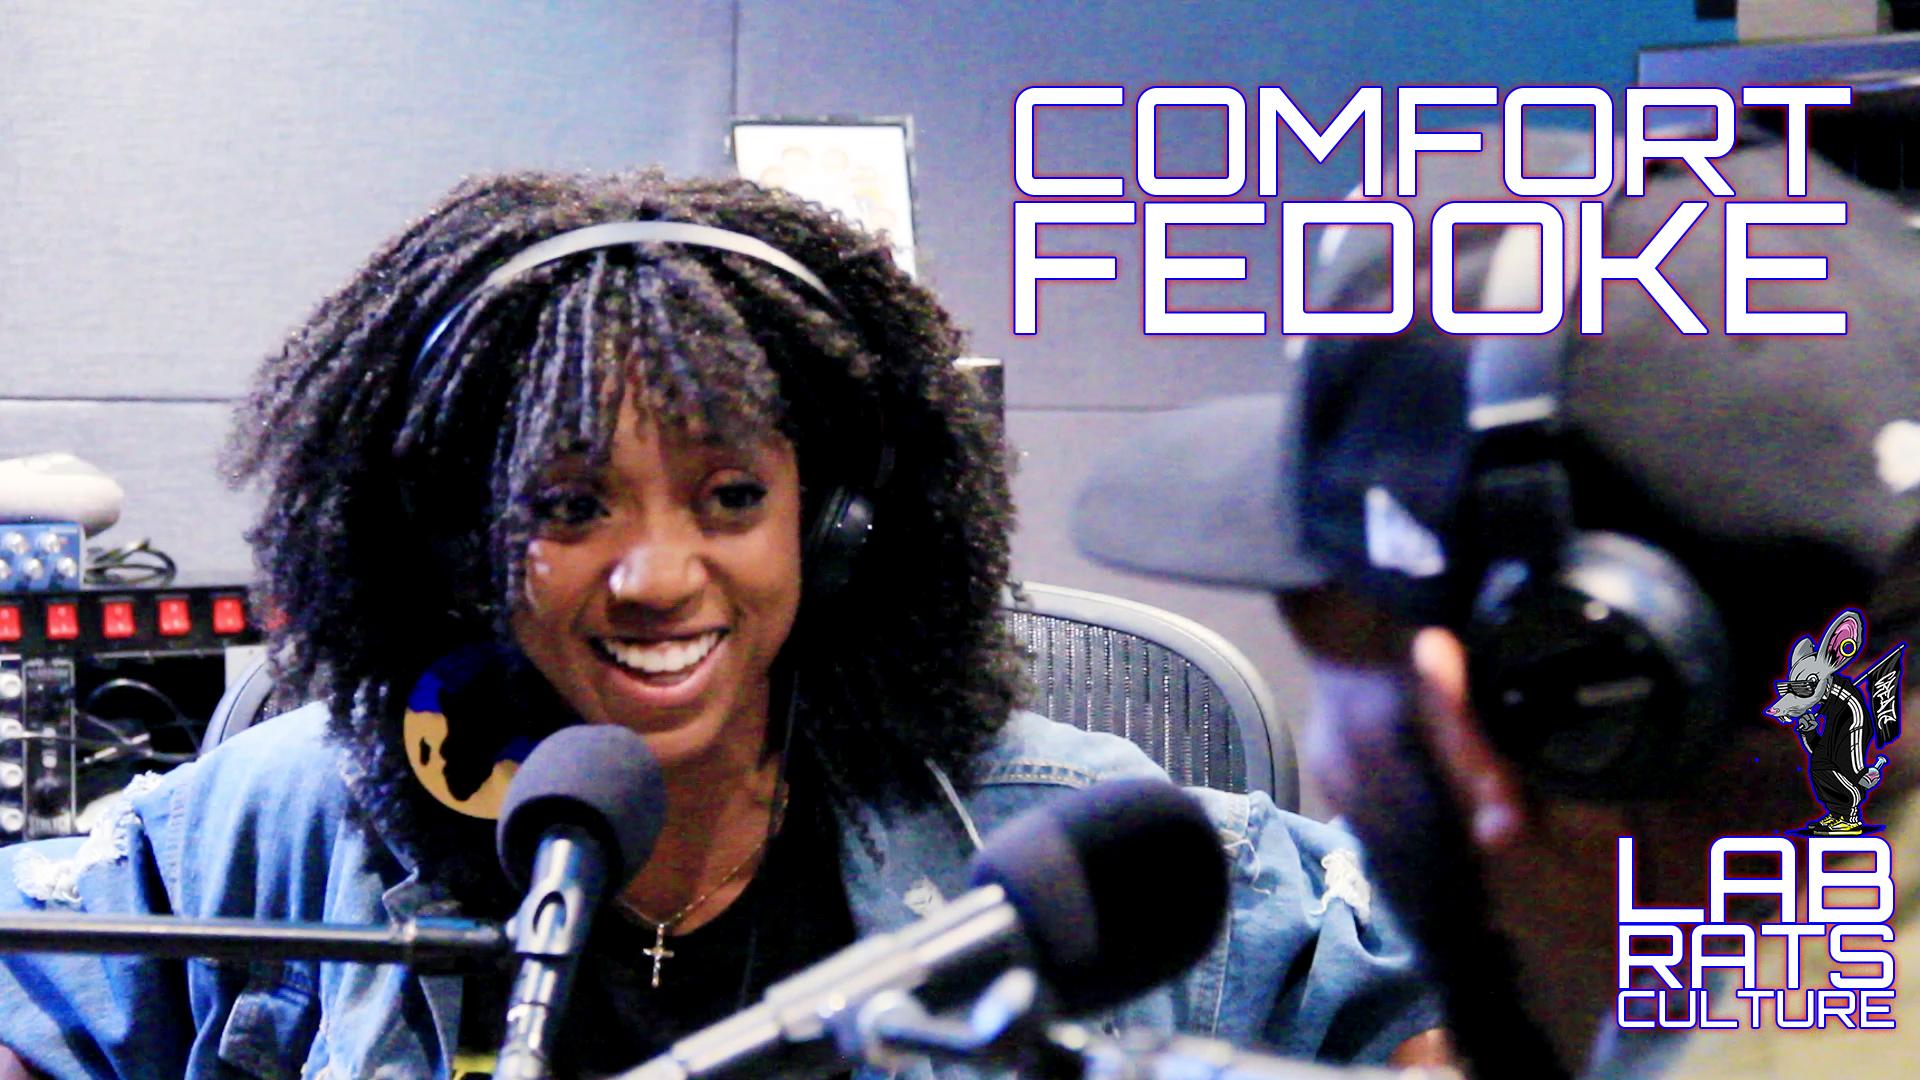 Lab Rats Culture Ep. 11 - Comfort Fedoke